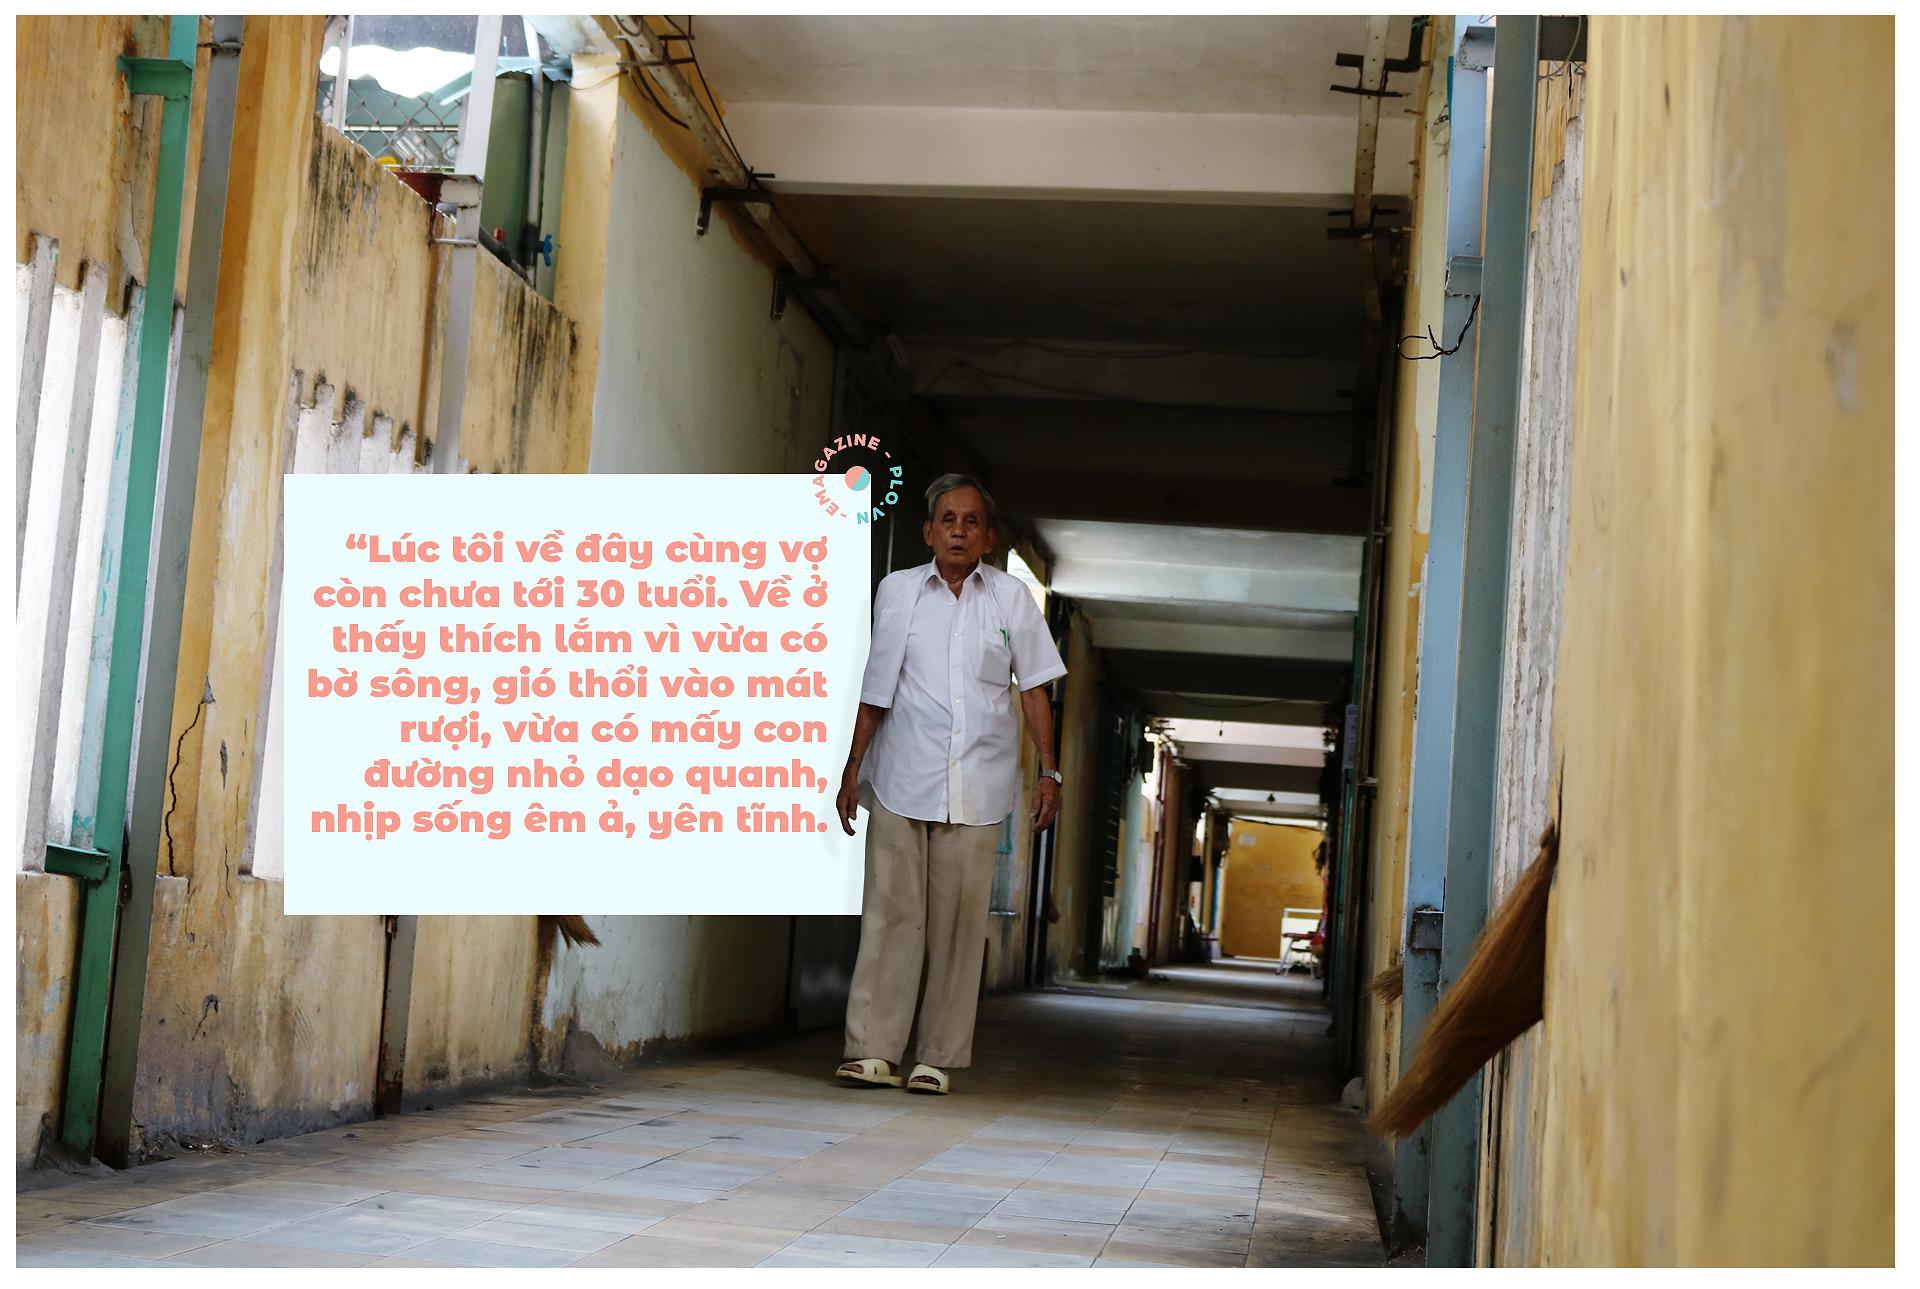 50 năm cư xá Thanh Đa: Hồi ức và ước nguyện - ảnh 4